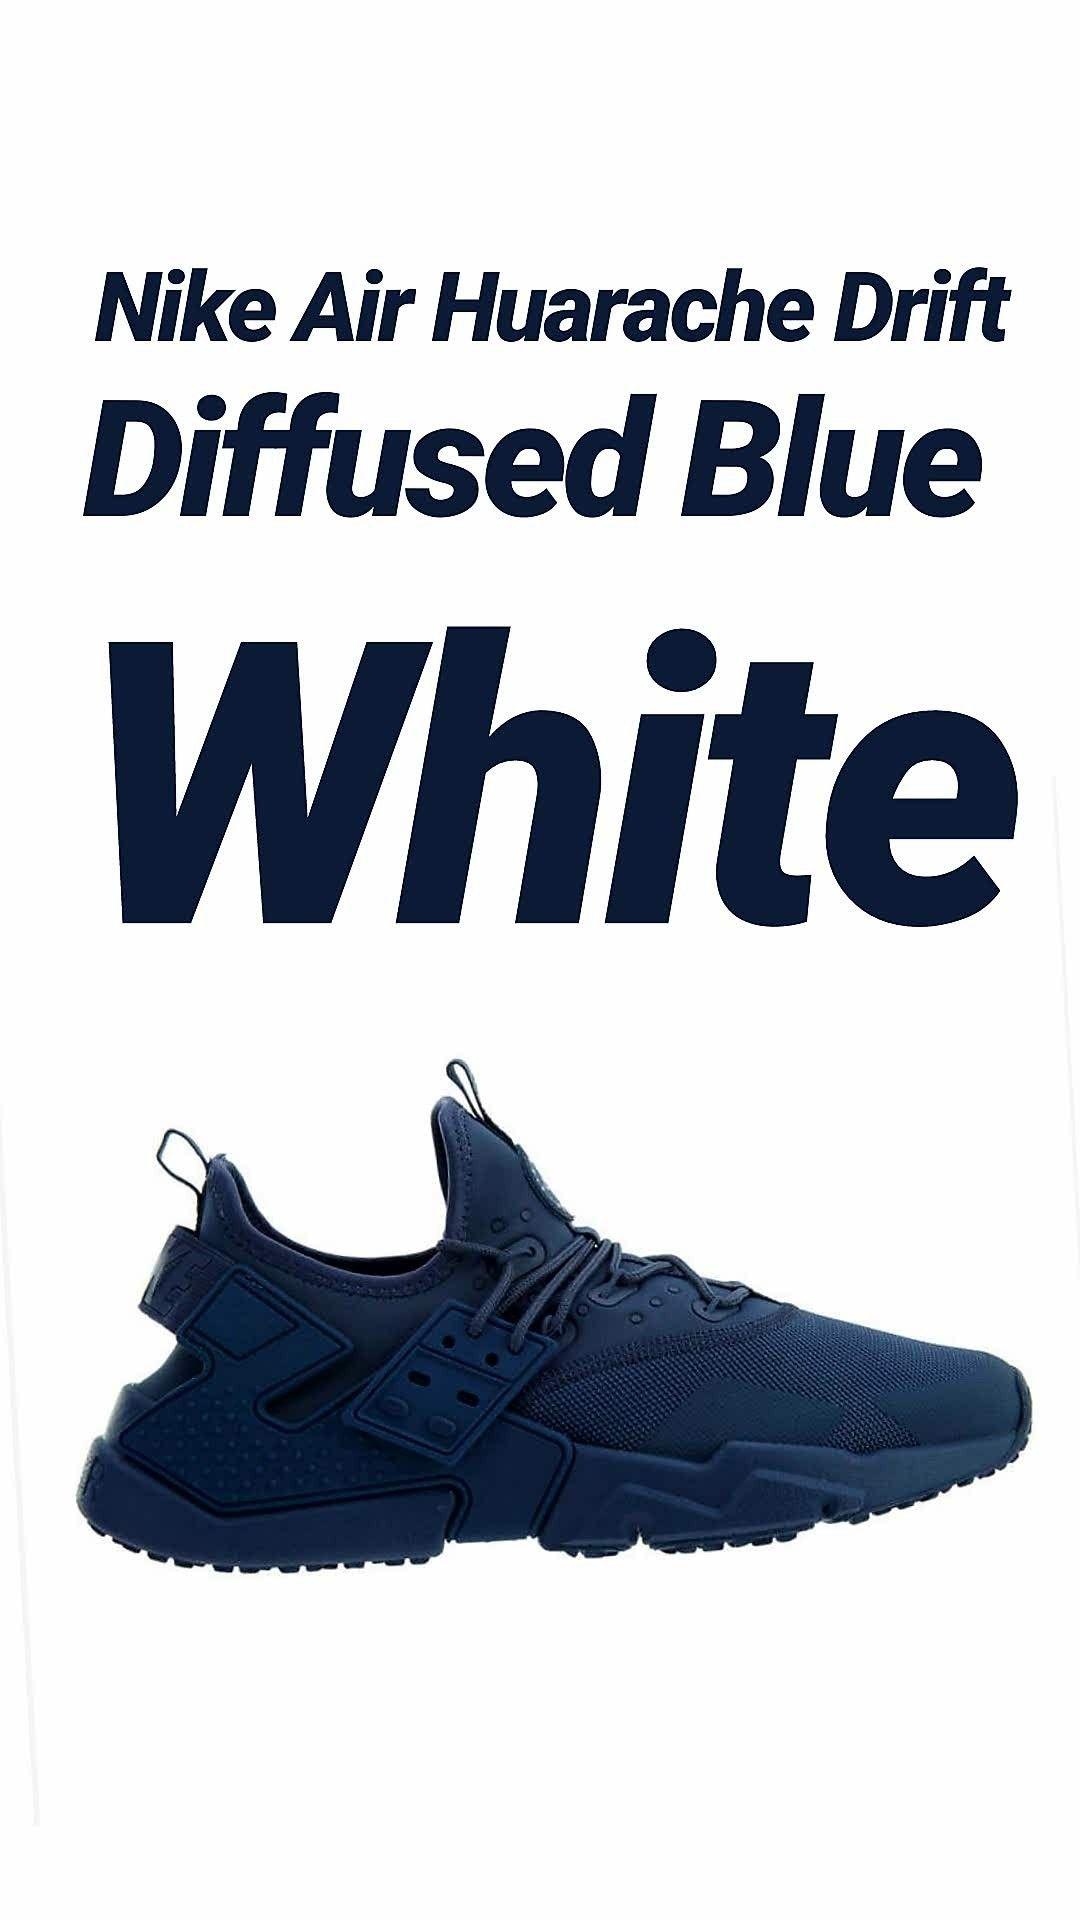 80793510e380 Nike Air Huarache Drift Diffused Blue White  120